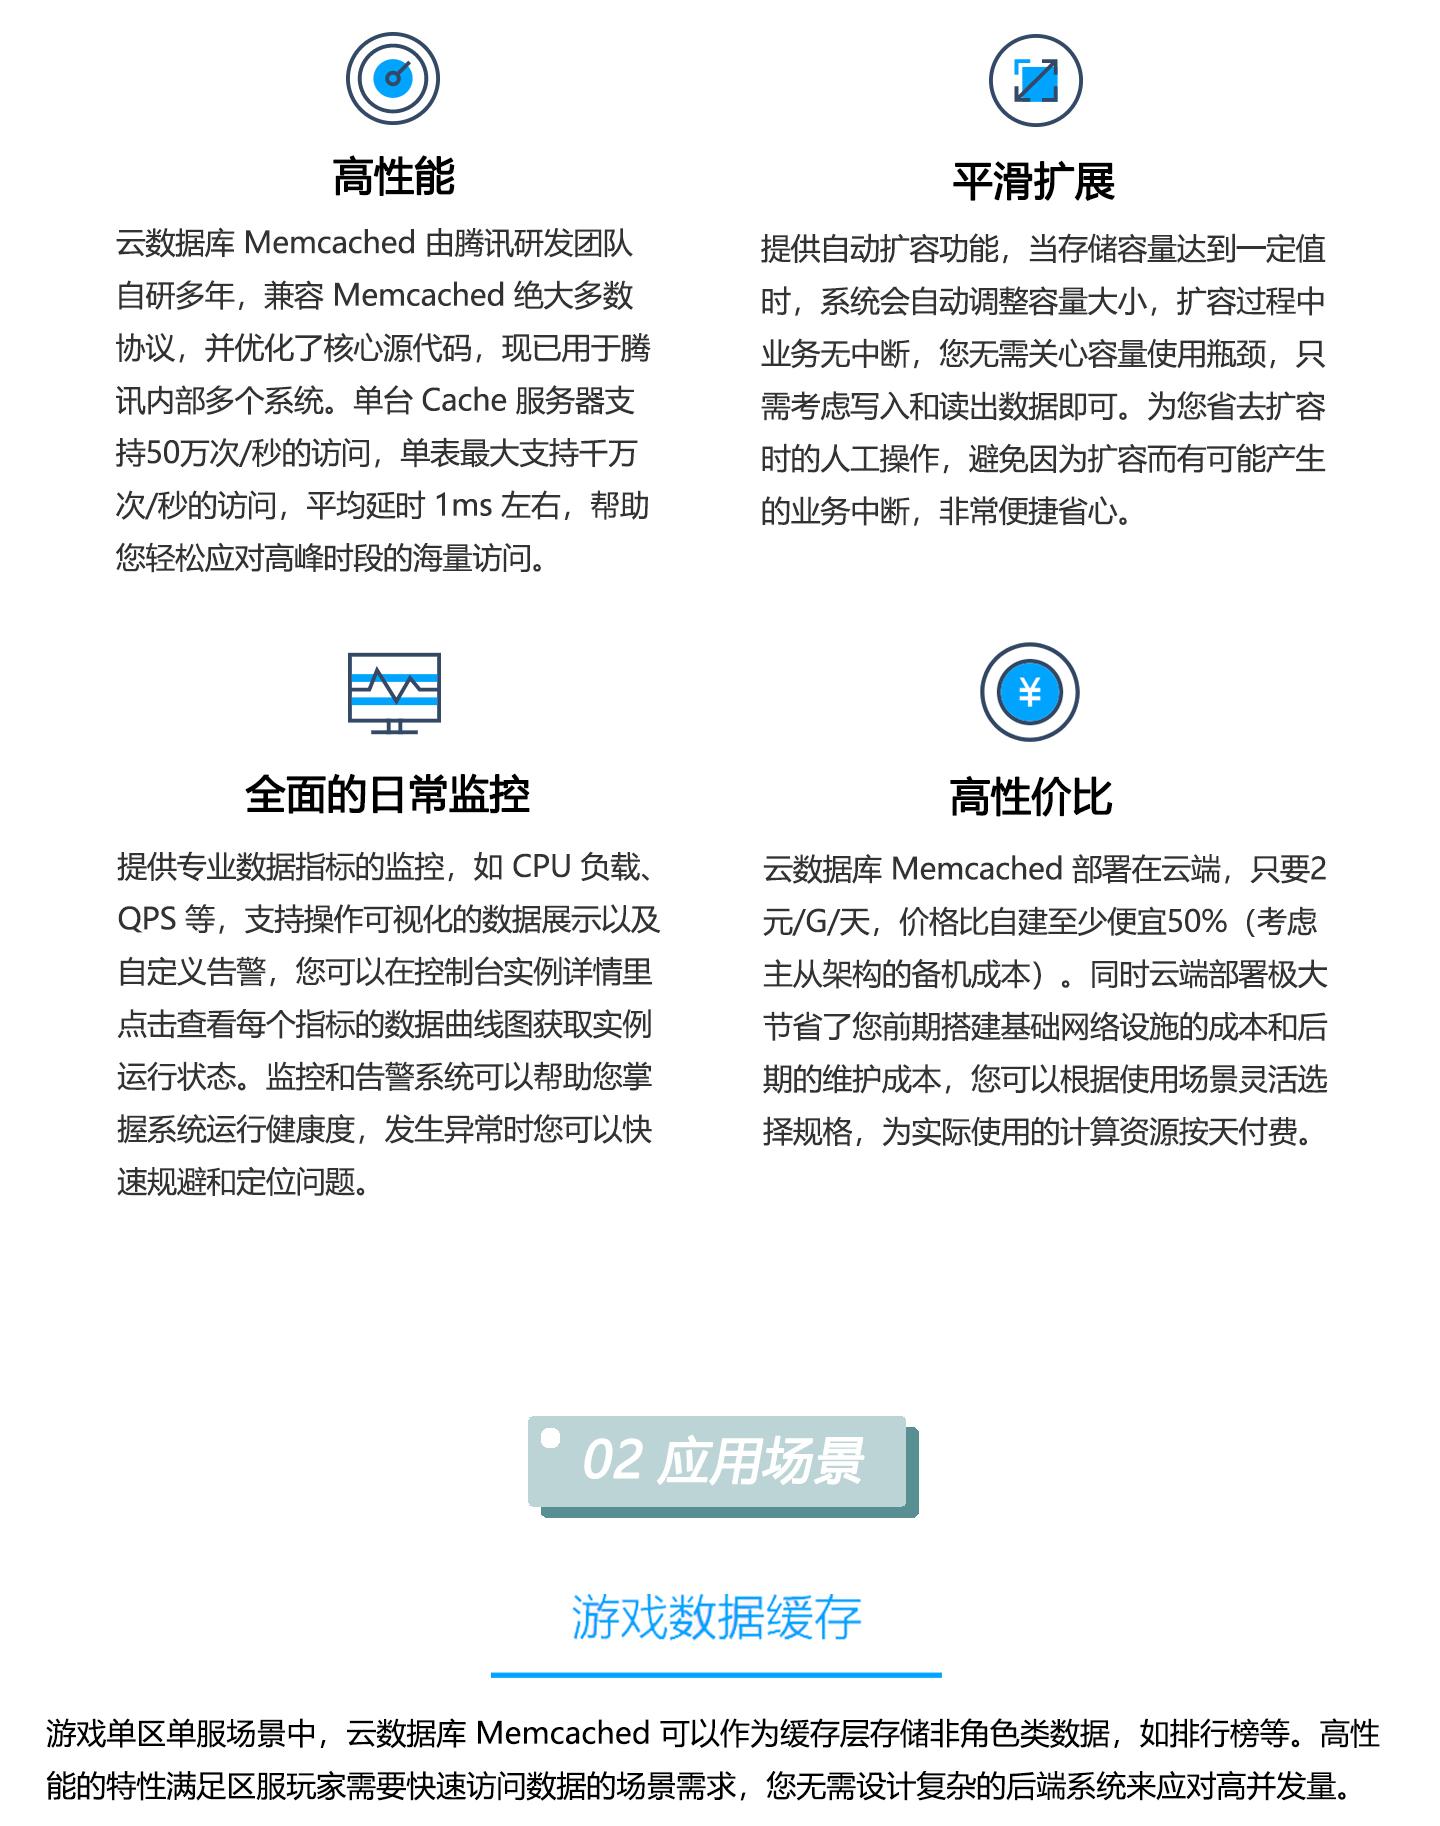 云数据库-TencentDB-for-Memcached1440_02.jpg